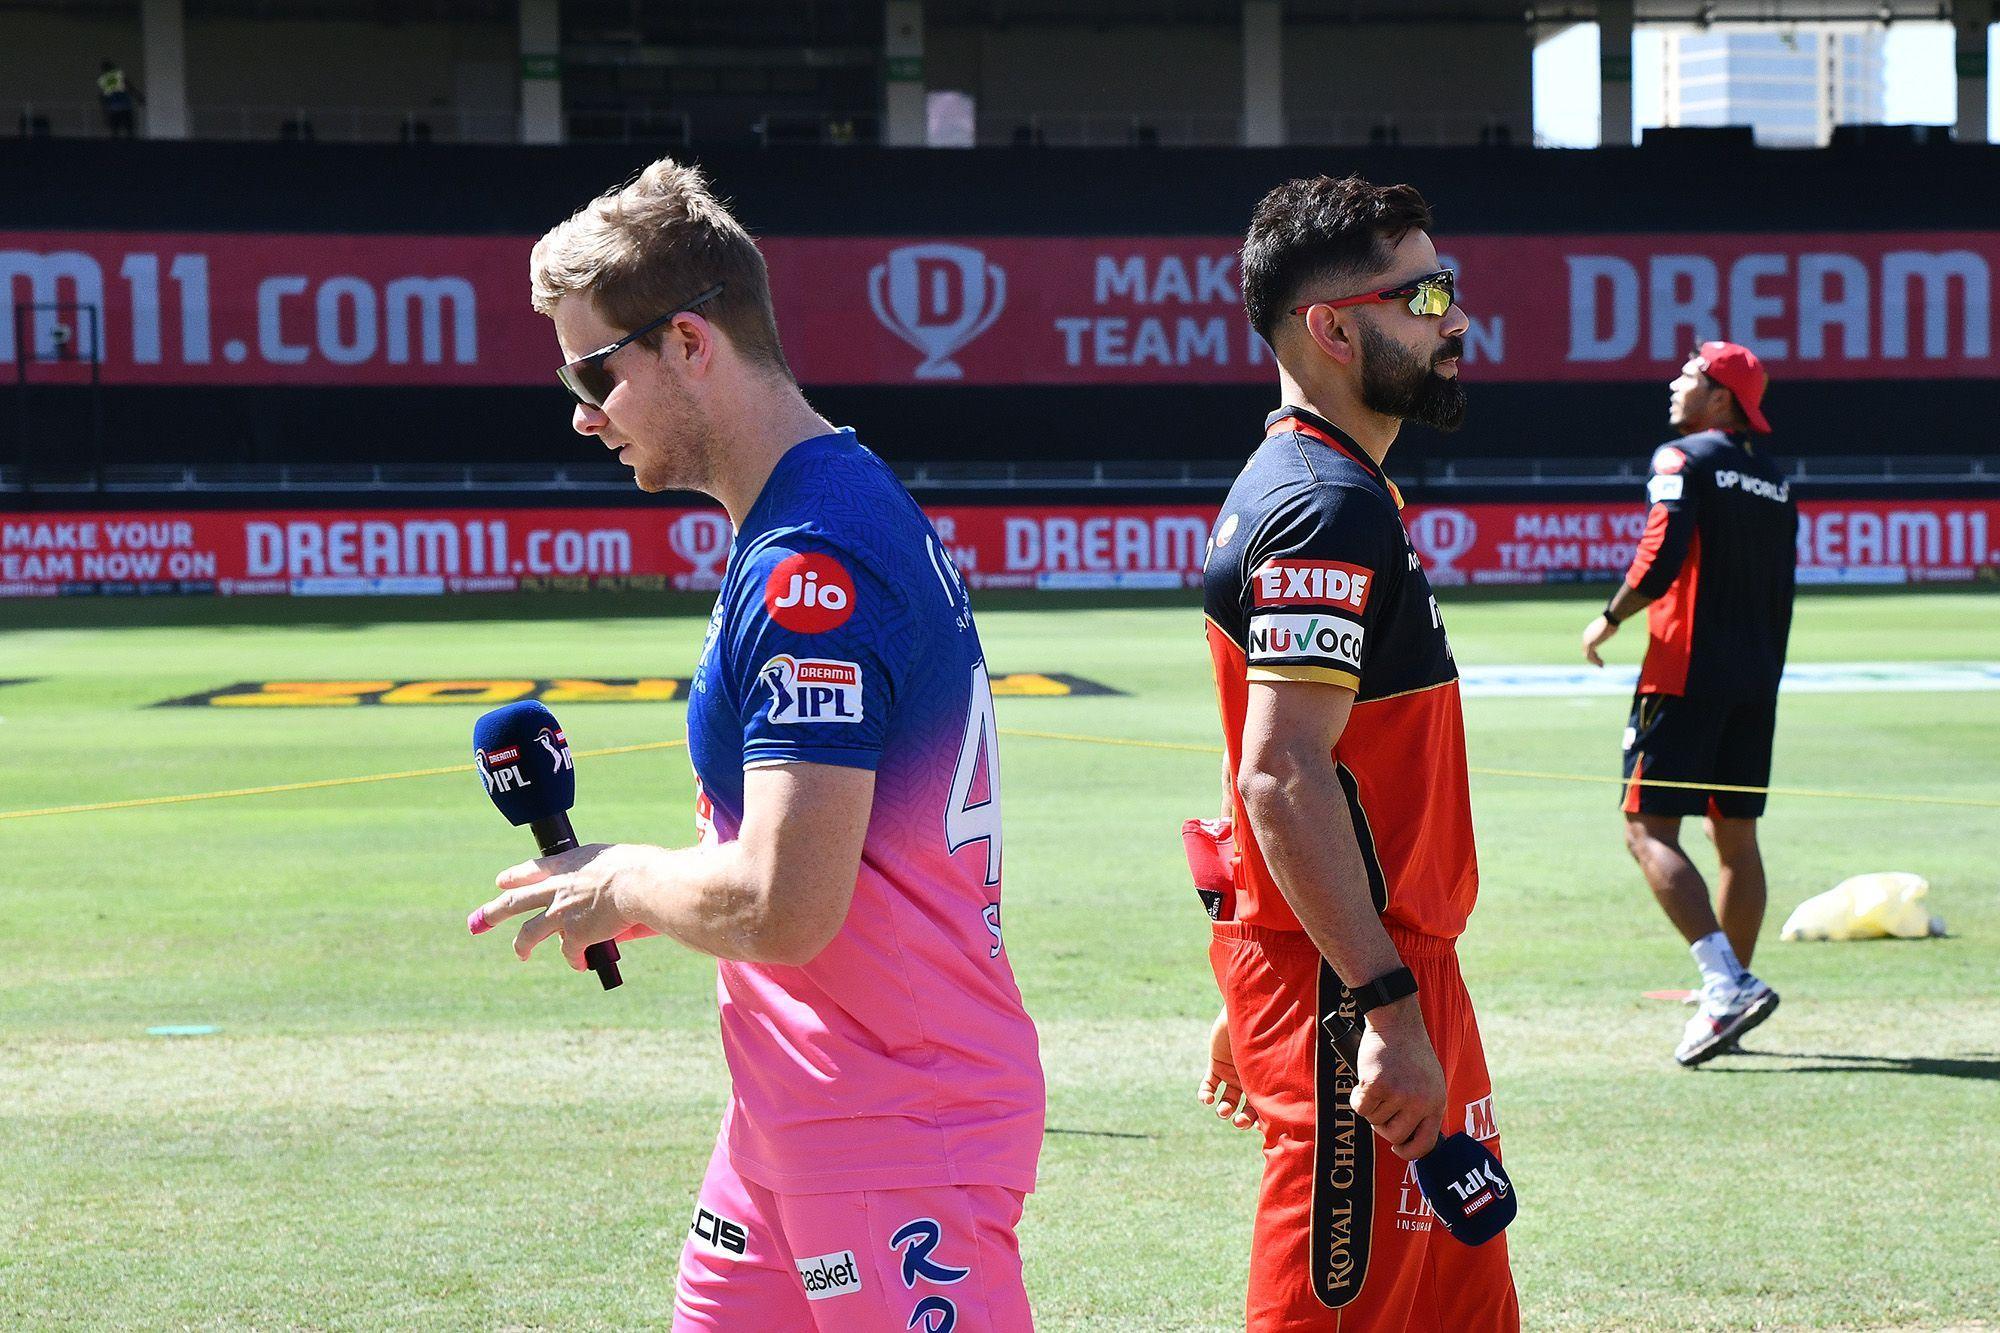 RRvsRCB: स्टीव स्मिथ की गलती पड़ी राजस्थान पर भारी, आरसीबी ने 7 विकेट से दर्ज की बड़ी जीत 2